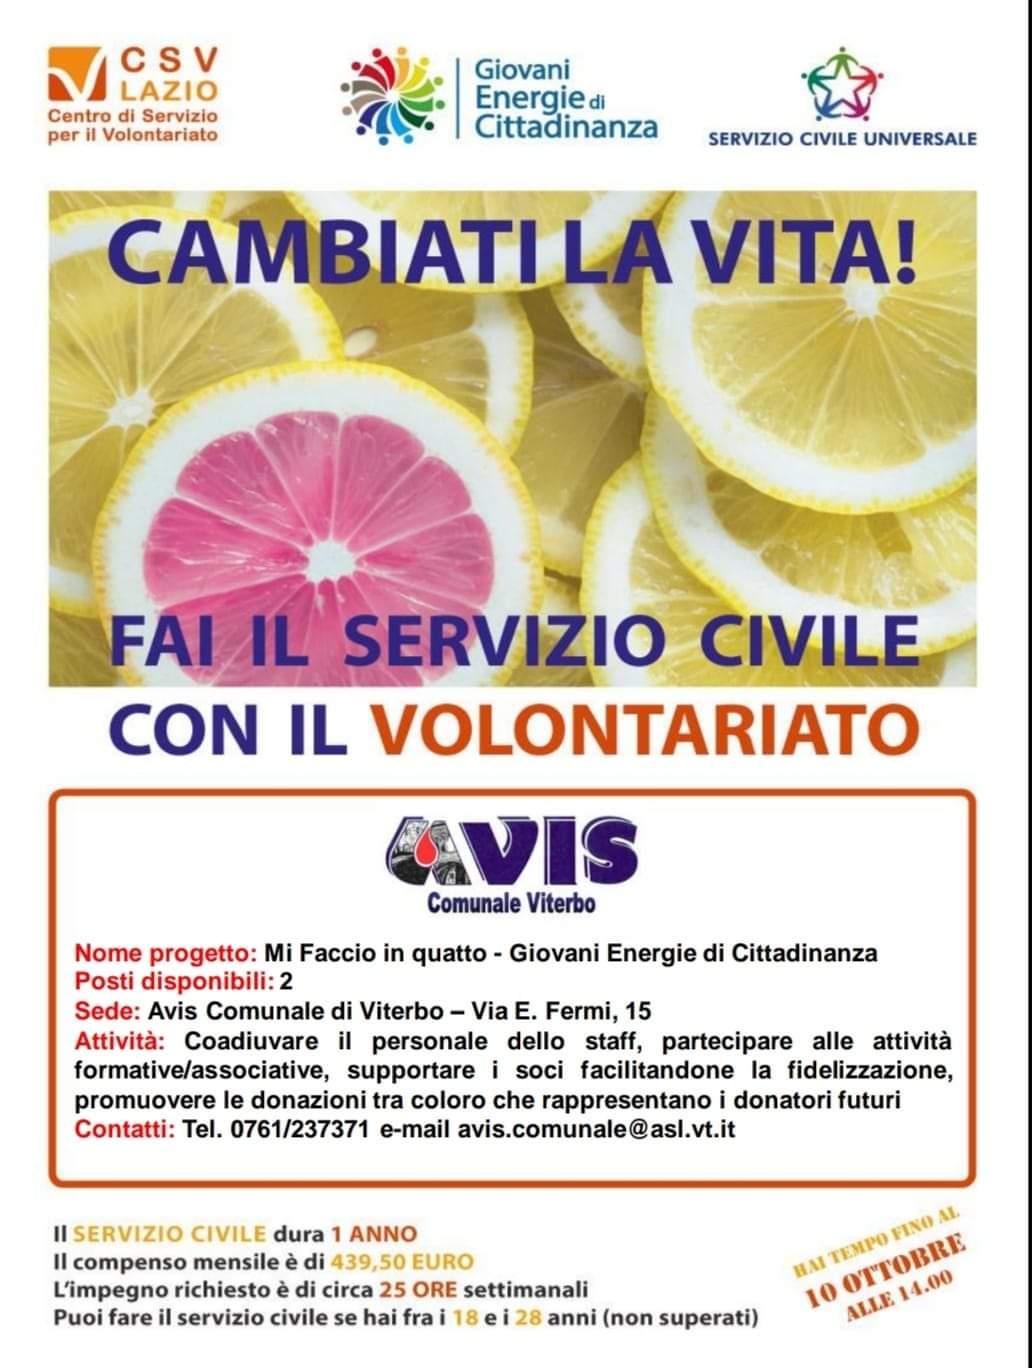 Fai il servizio civile con Avis Comunale di Viterbo codice sede 125718